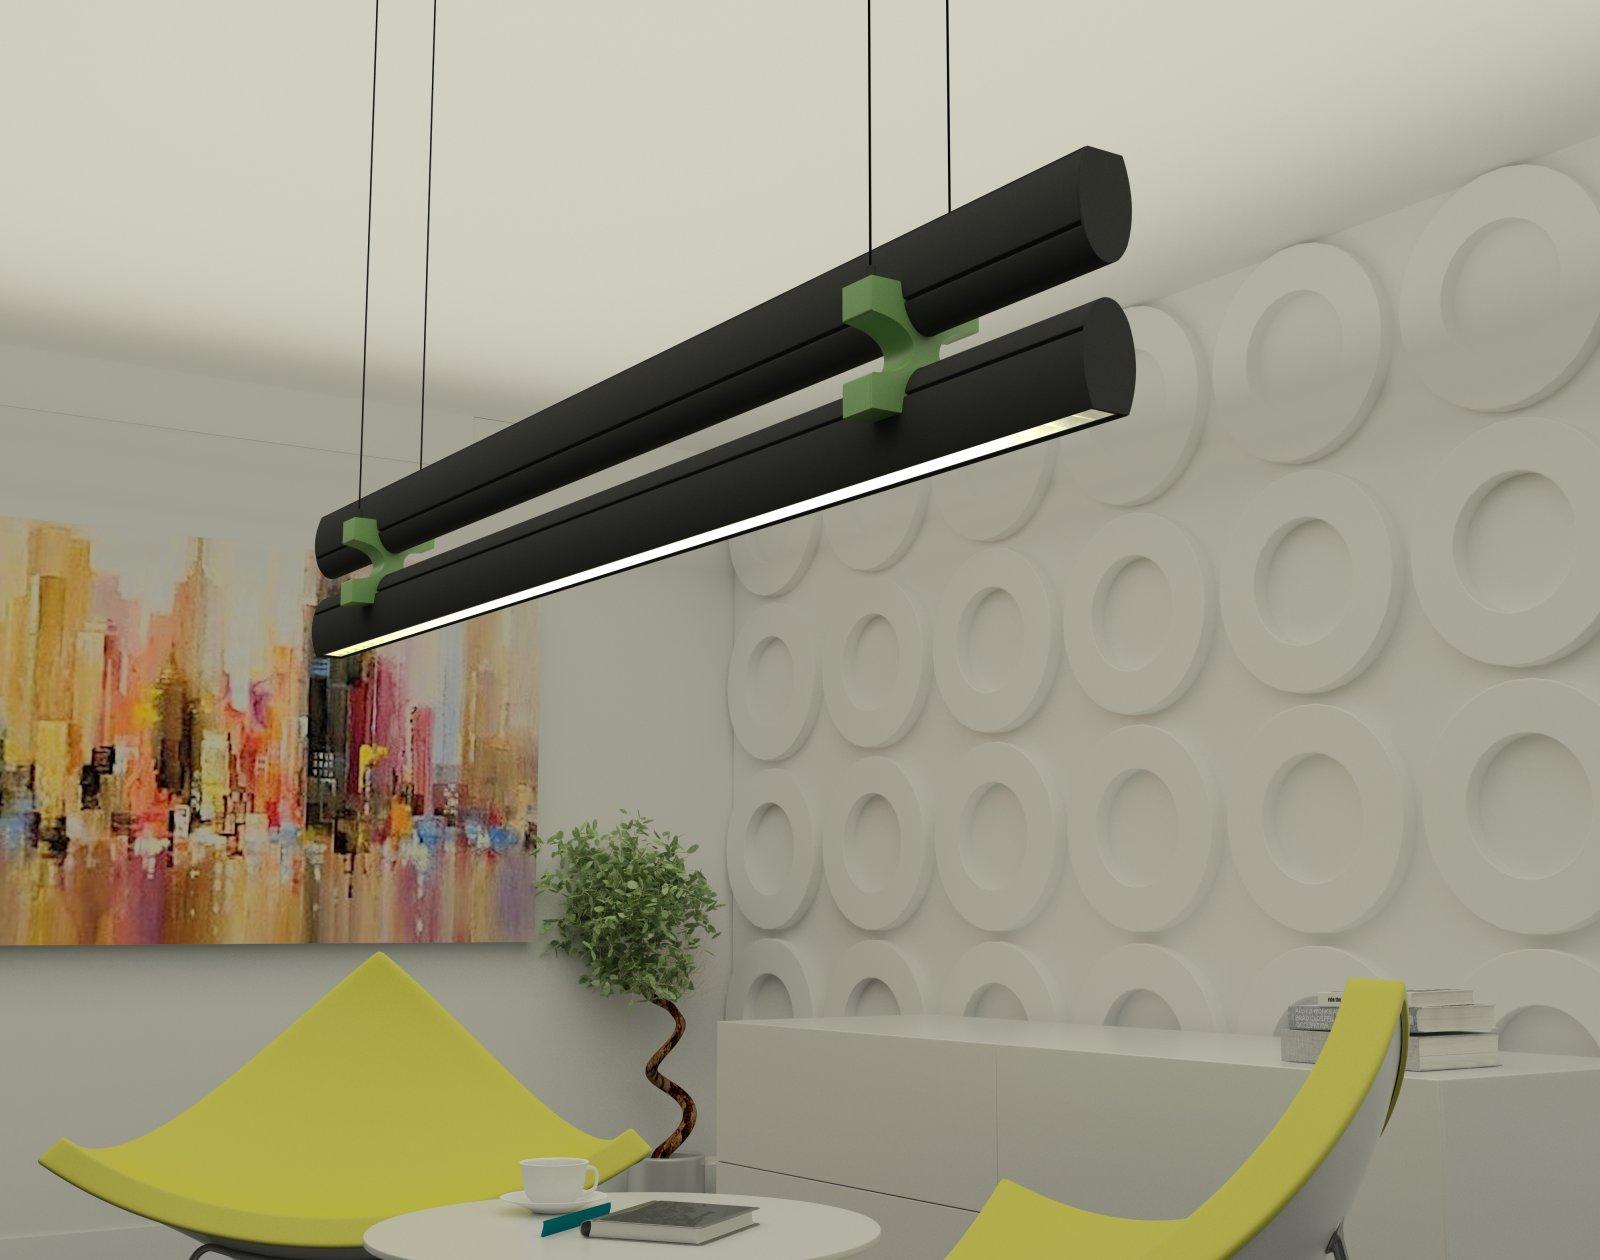 """Tasarımla aramızdaki güçlü bağ """"Nest"""" Design Turkey İyi Tasarım ile ödüllendirildi!Tasarımla aramızdaki güçlü bağ """"Nest"""" Design Turkey İyi Tasarım ile ödüllendirildi!"""